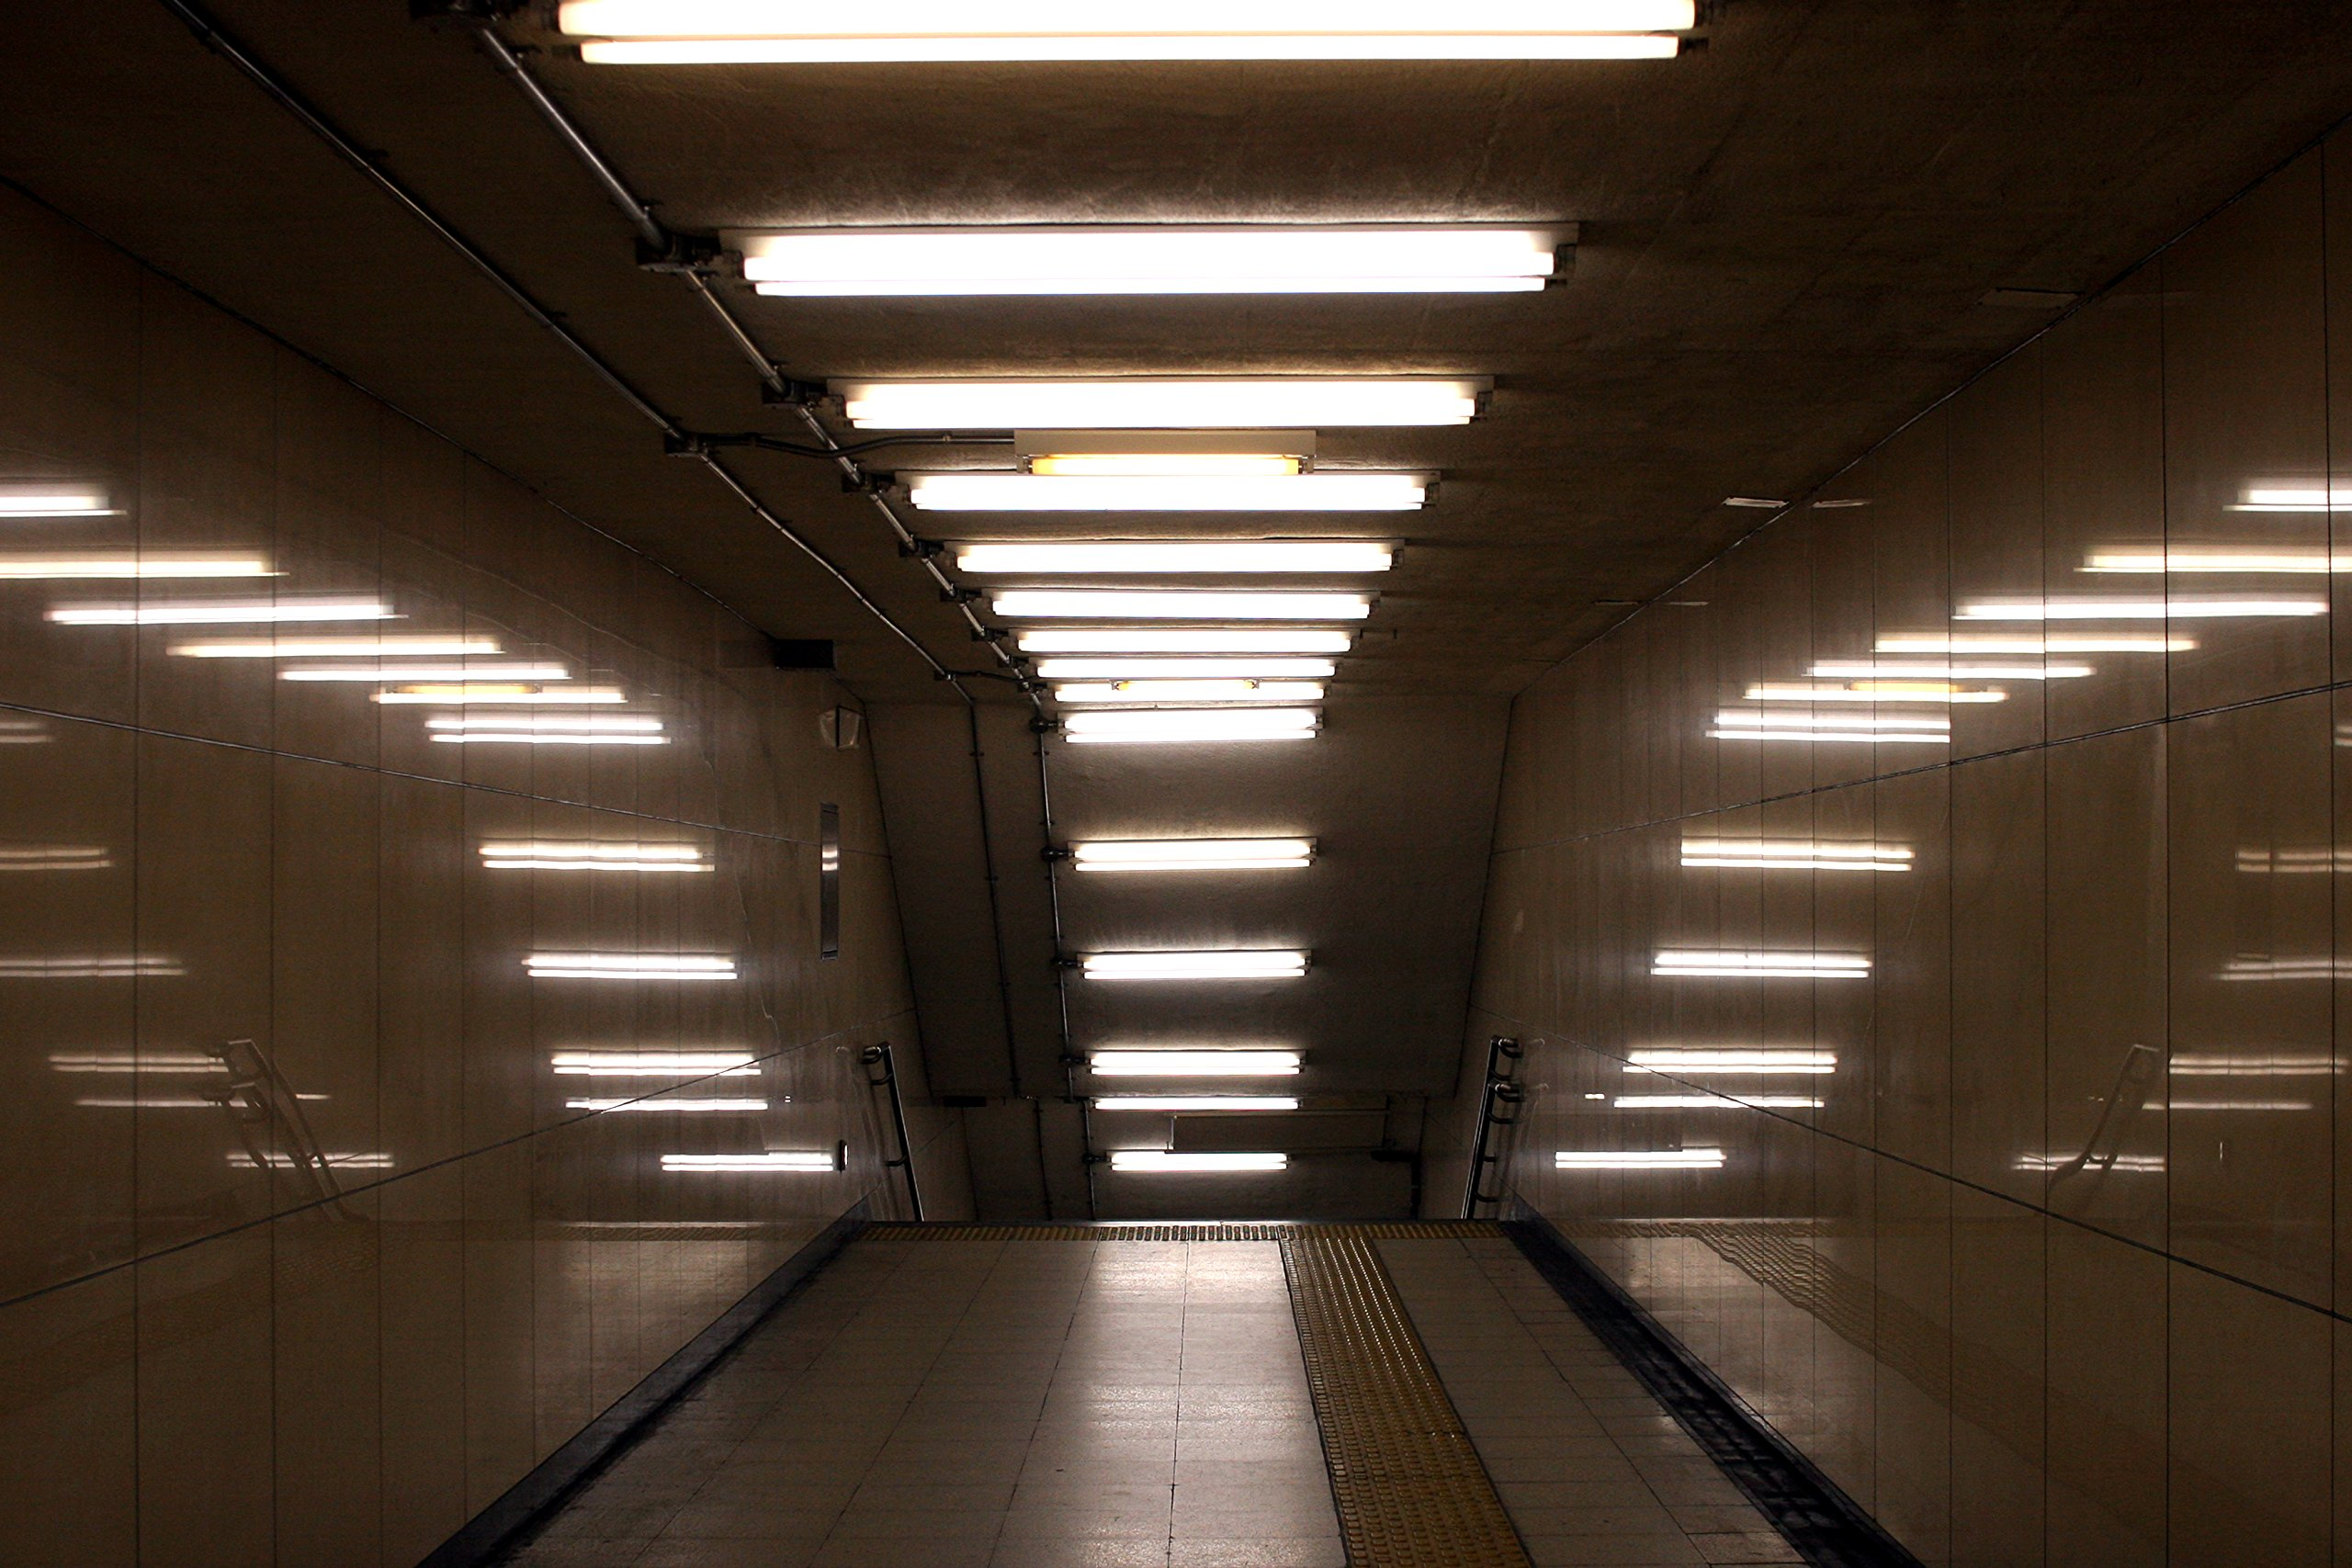 Pack of 8 F32T8/835 32 watt 48'' Straight F32 T8 Medium Bi-Pin (G13) Base, 3,500K Soft White Octron Fluorescent Tube Light Bulb by Sterl Lighting (Image #4)